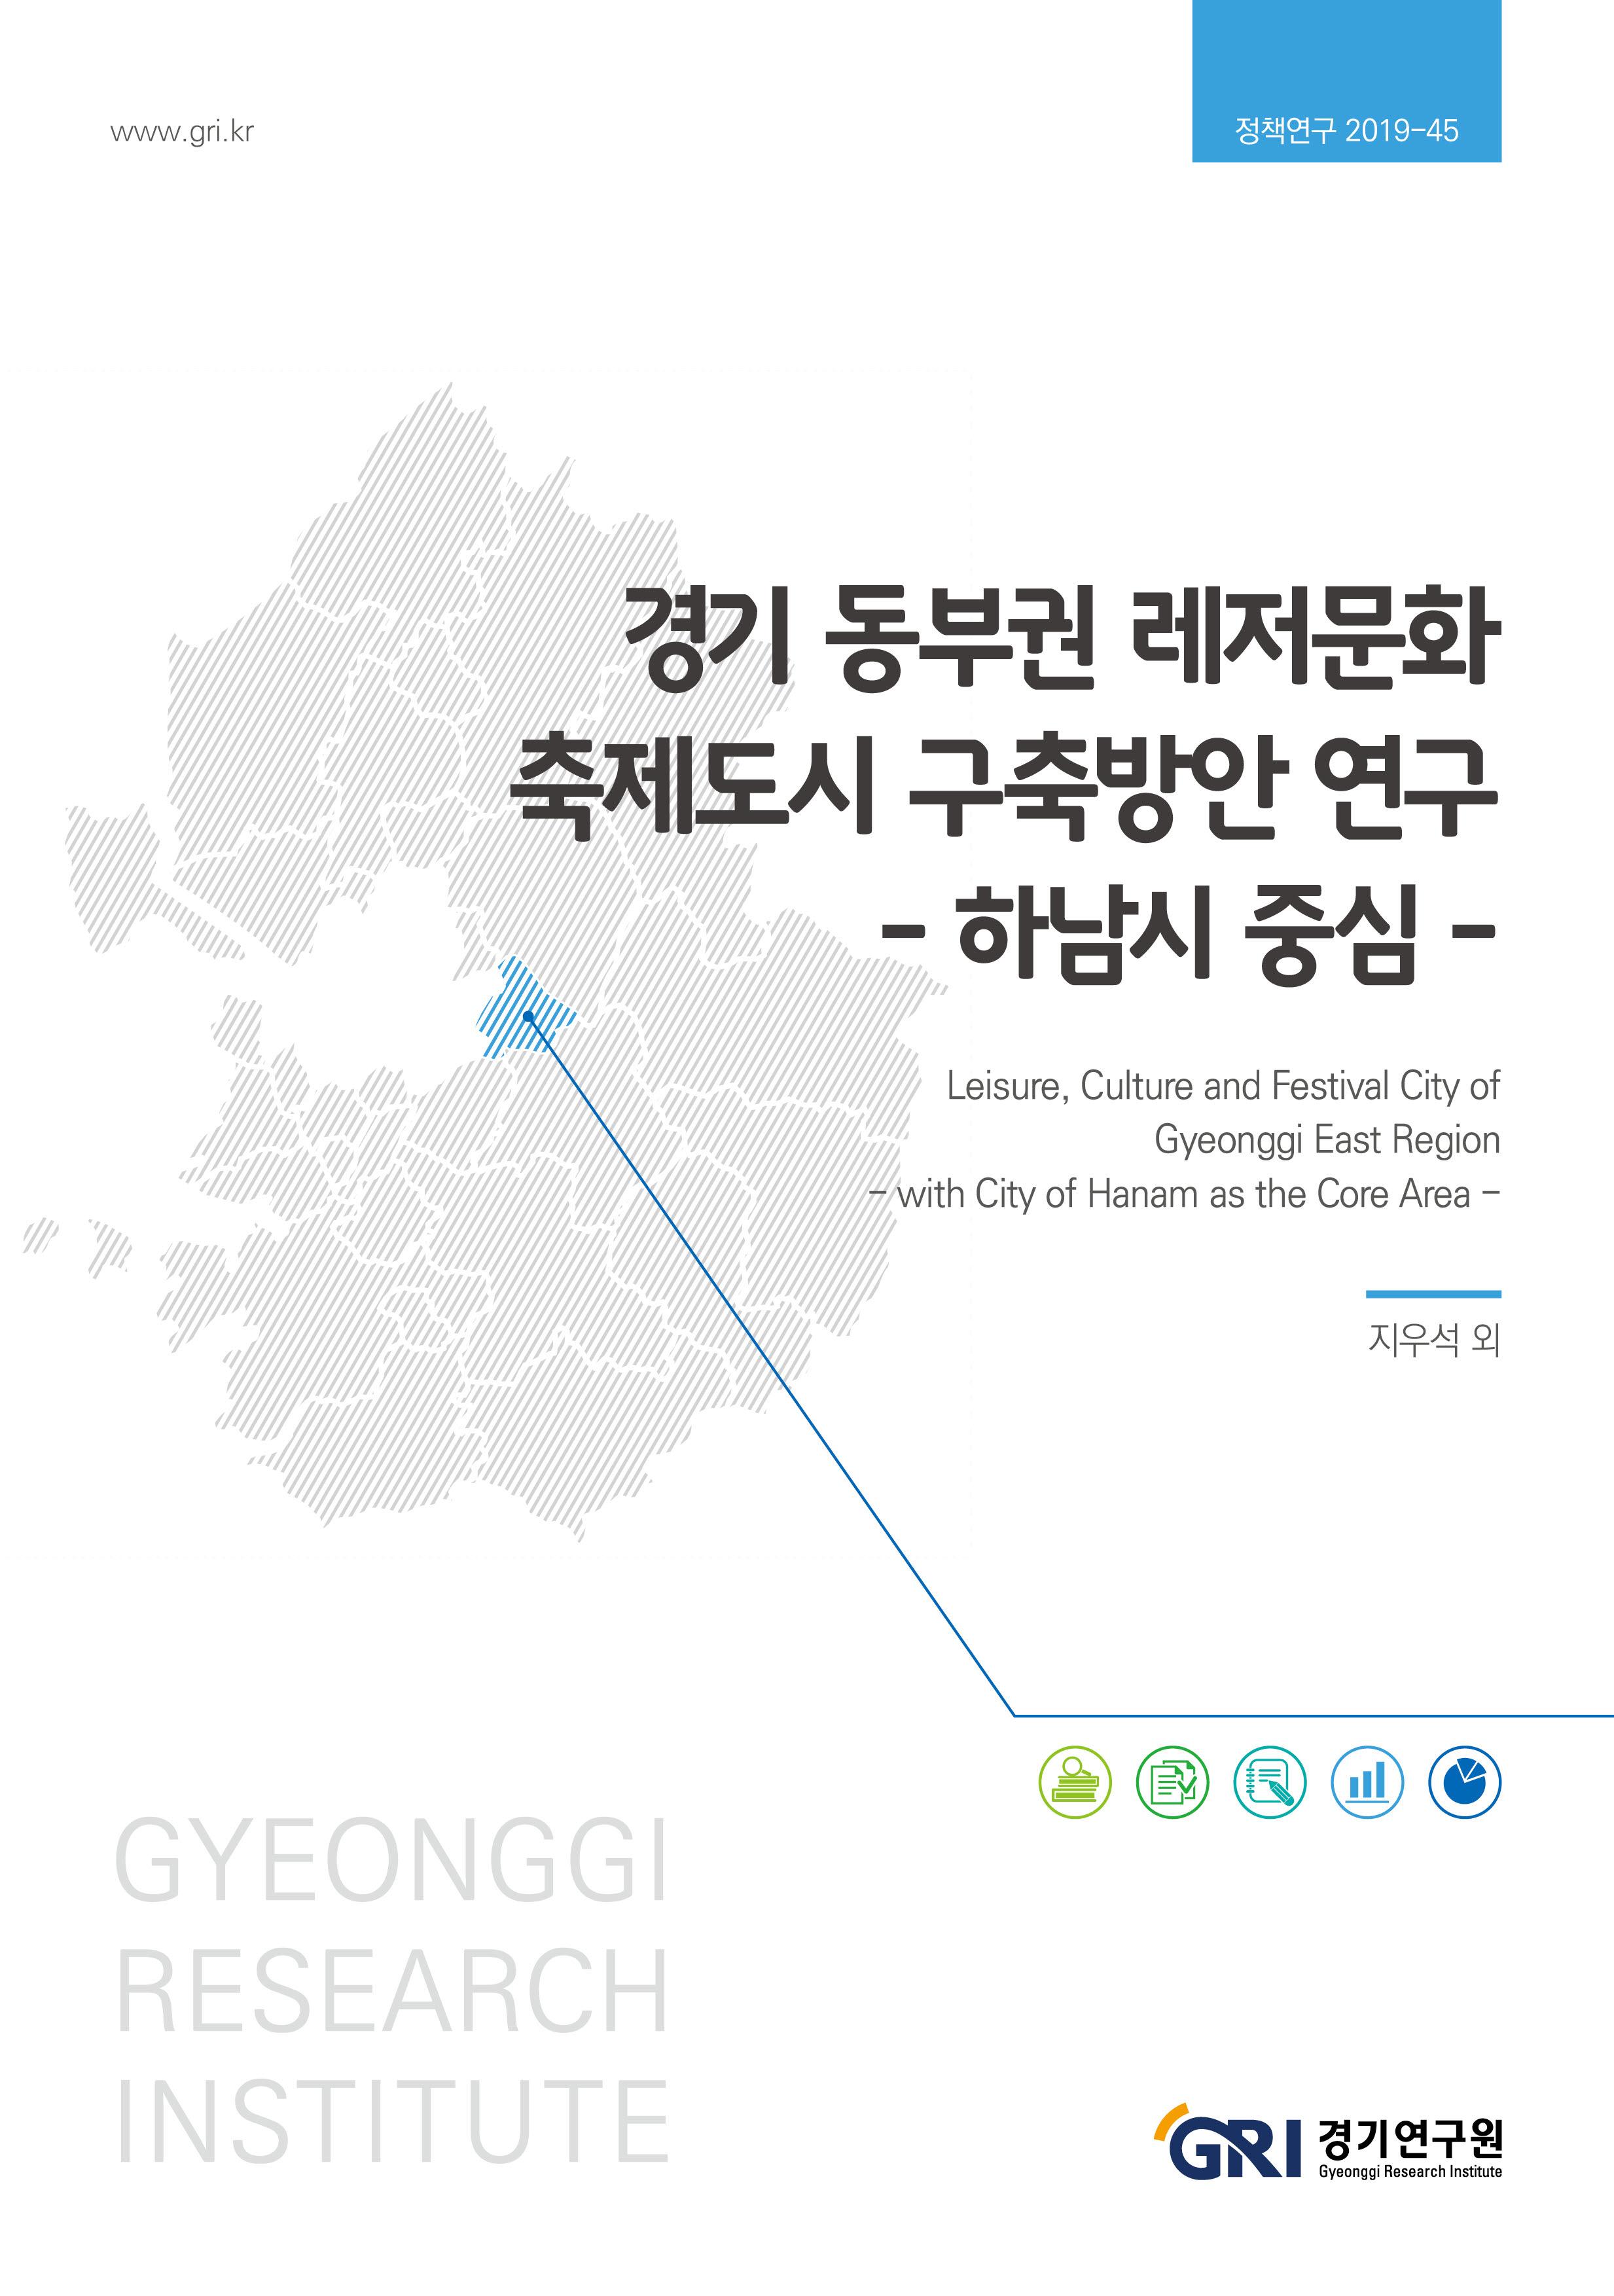 경기 동부권 레저문화 축제도시 구축방안 연구 : 하남시 중심